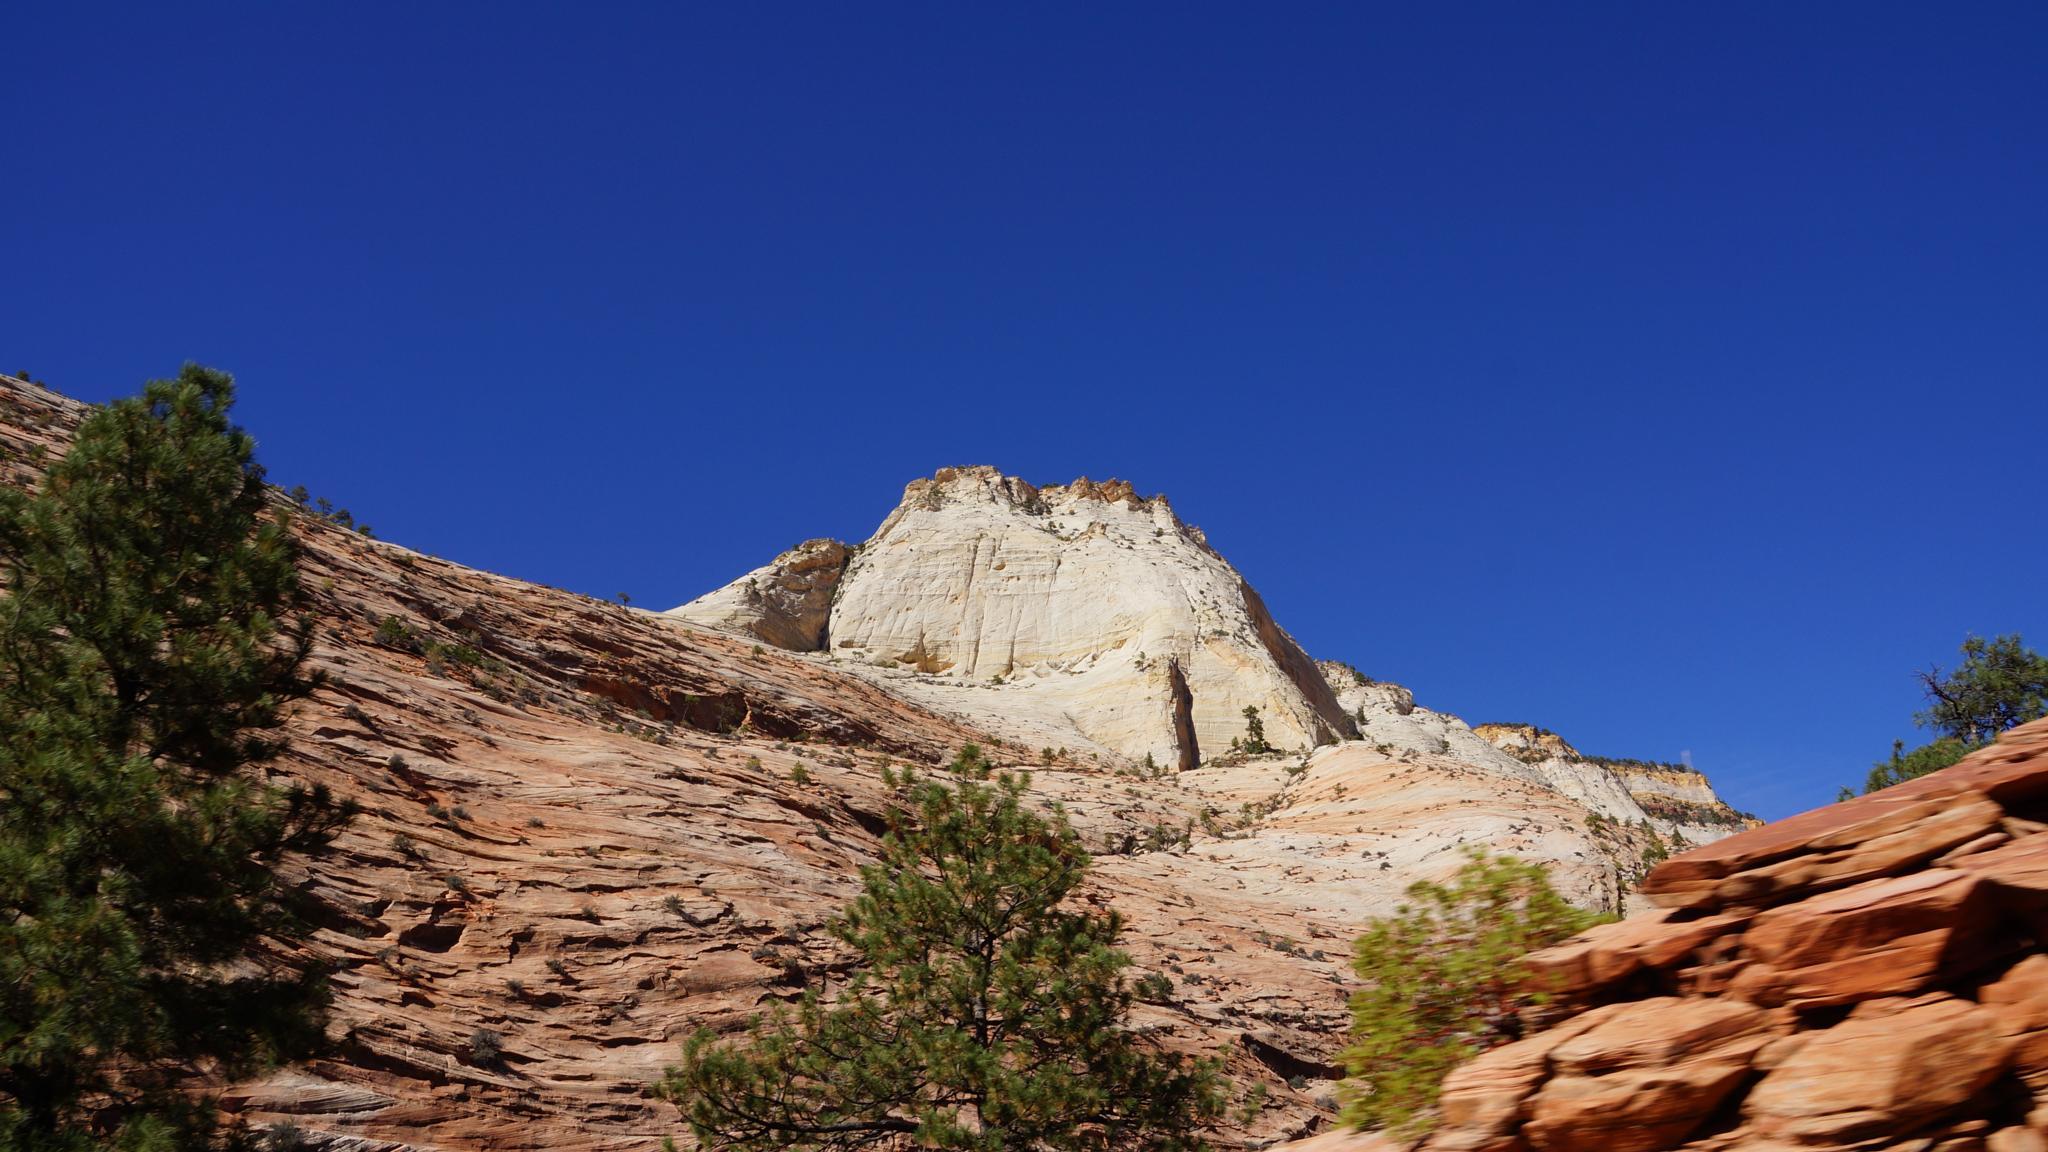 White Mountain in Arizona by Sophia von Wrangell